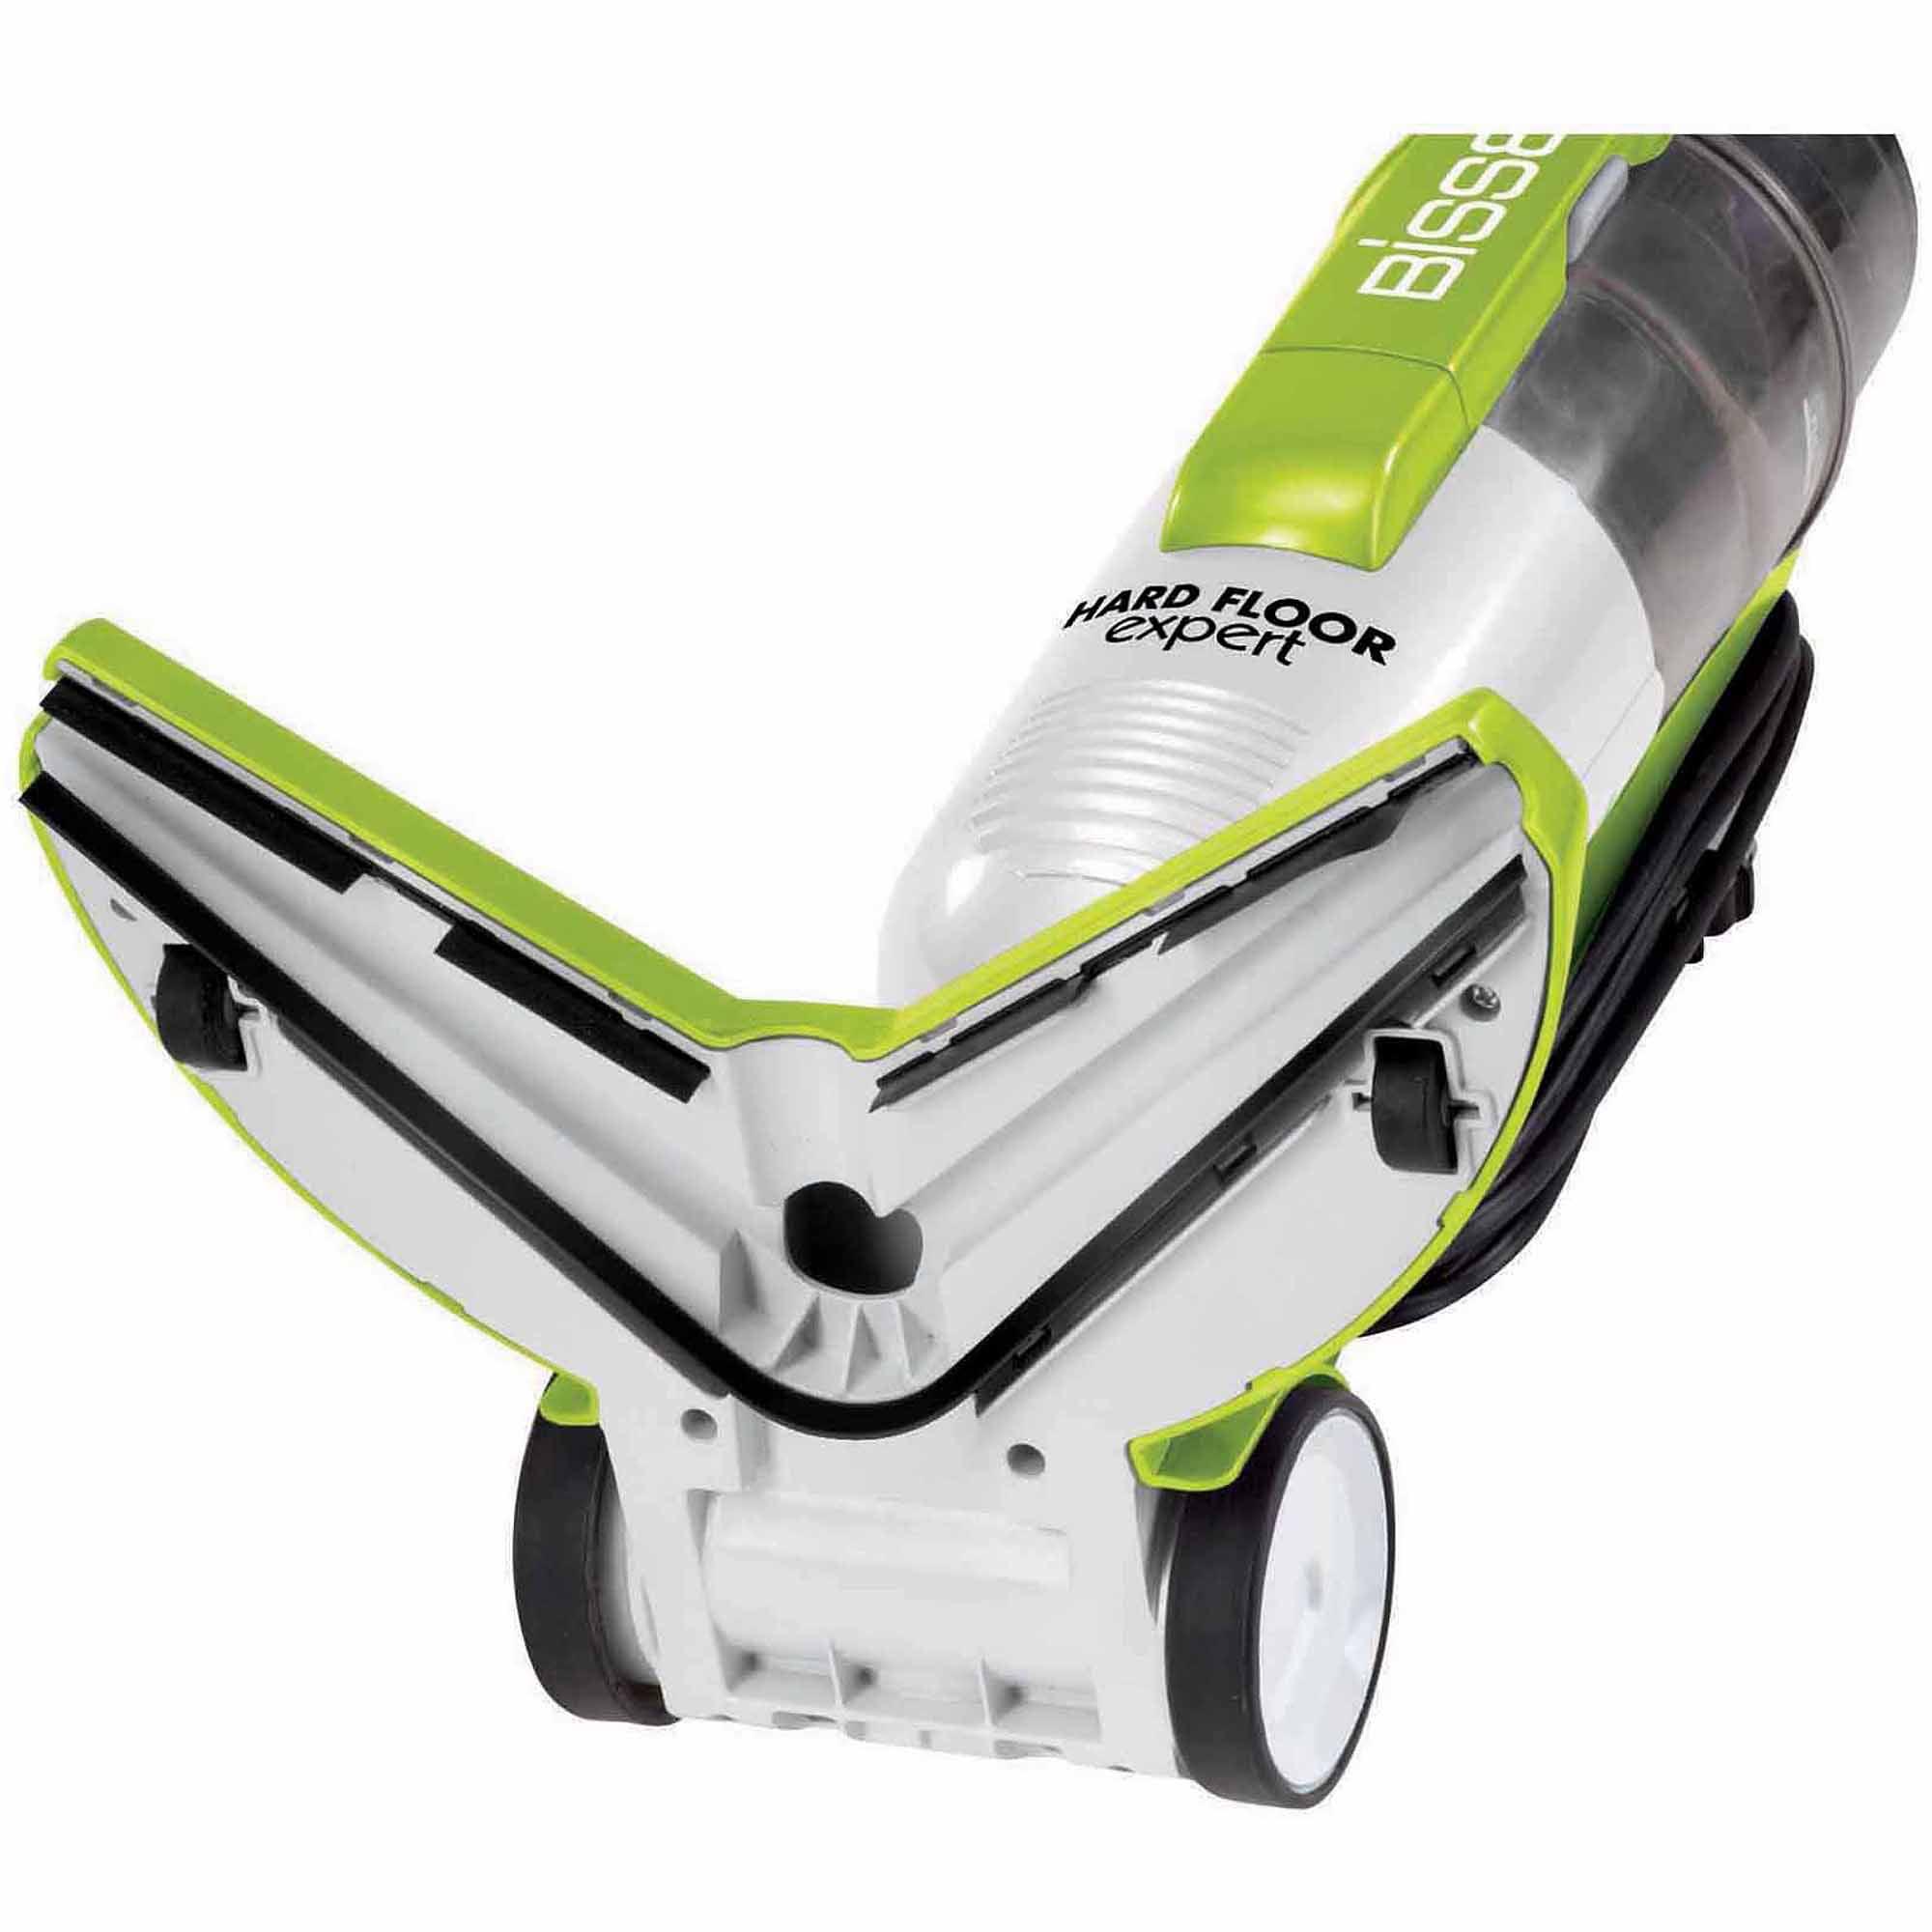 bissell hard floor expert vacuum, 81l21 - walmart